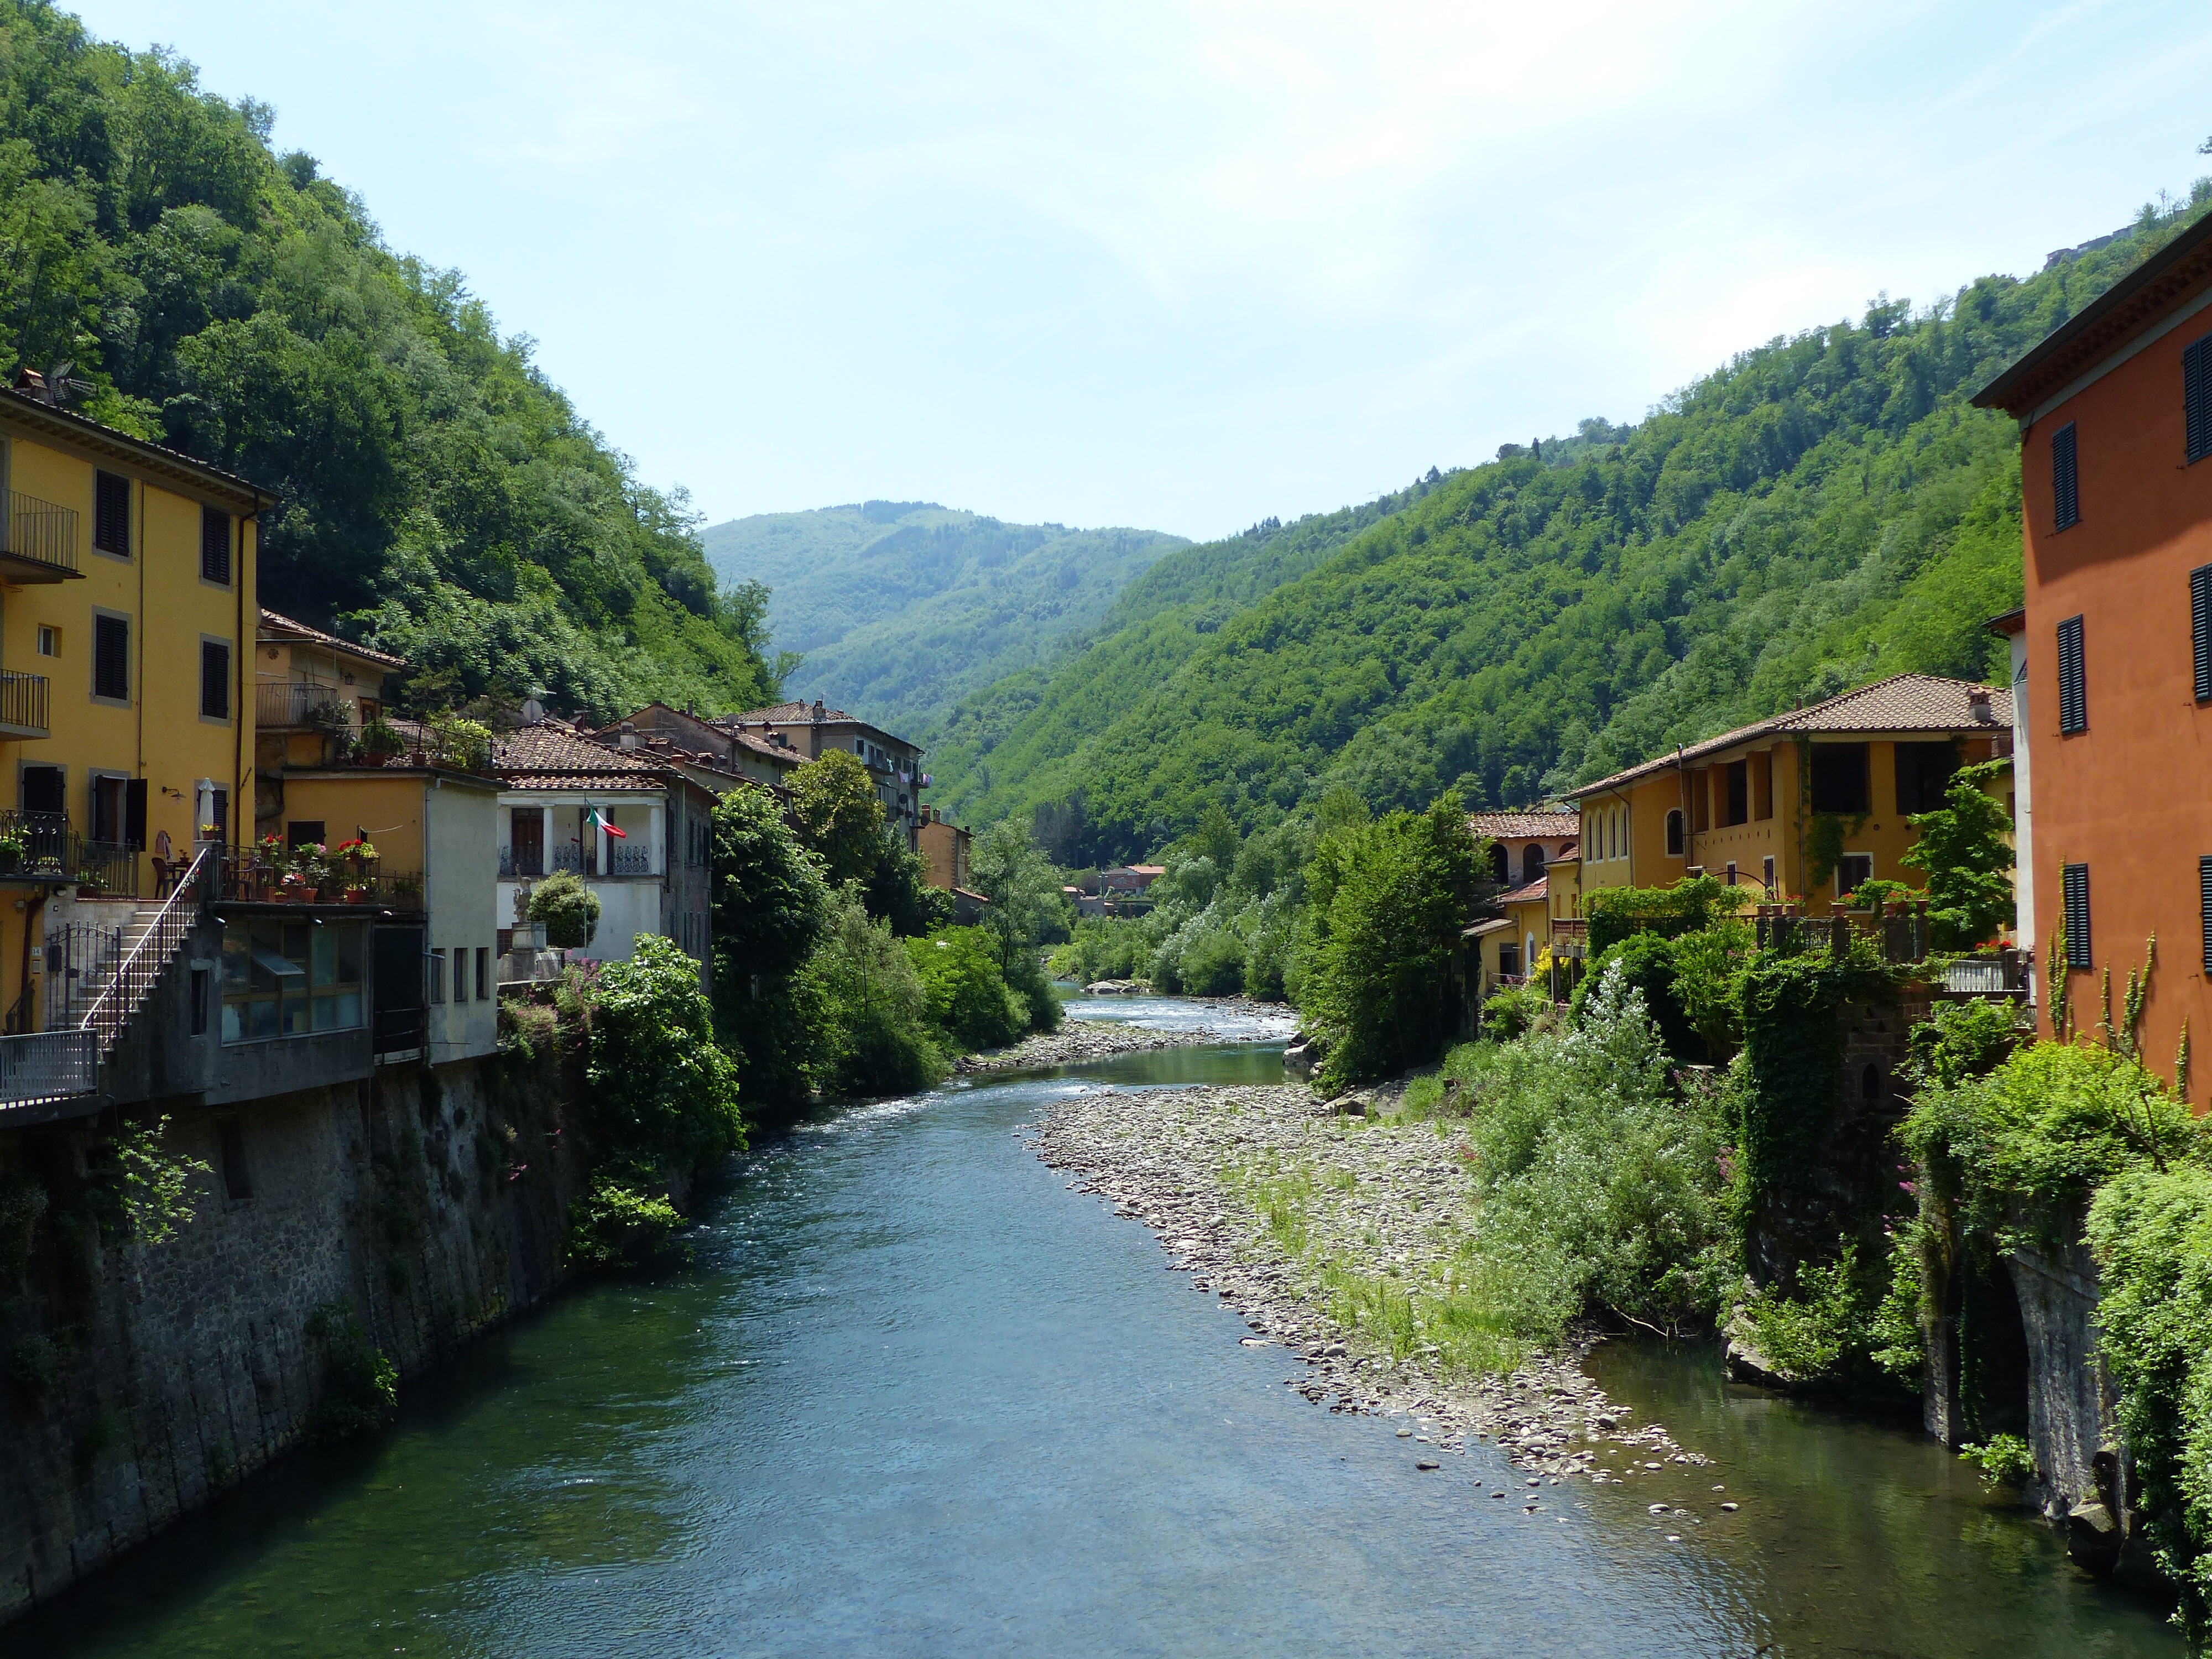 Summer in ponte a serraglio bella bagni di lucca - Bagno di lucca ...